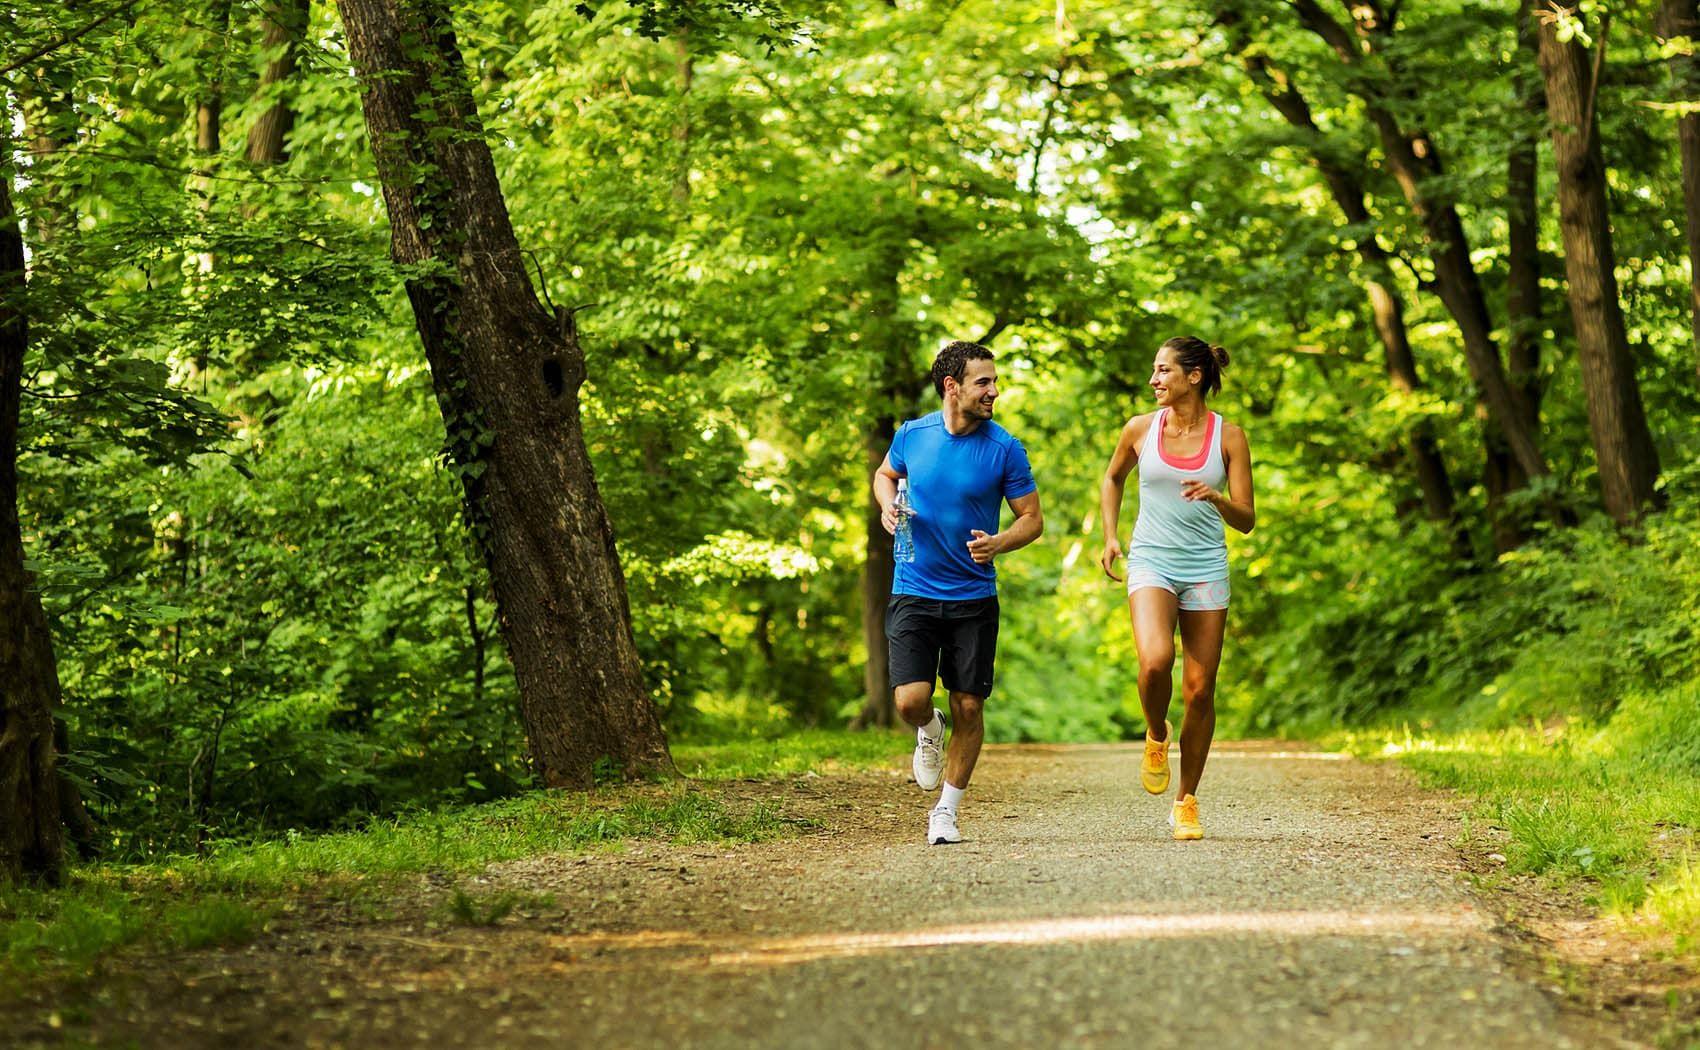 Здоровый образ жизни направлен на